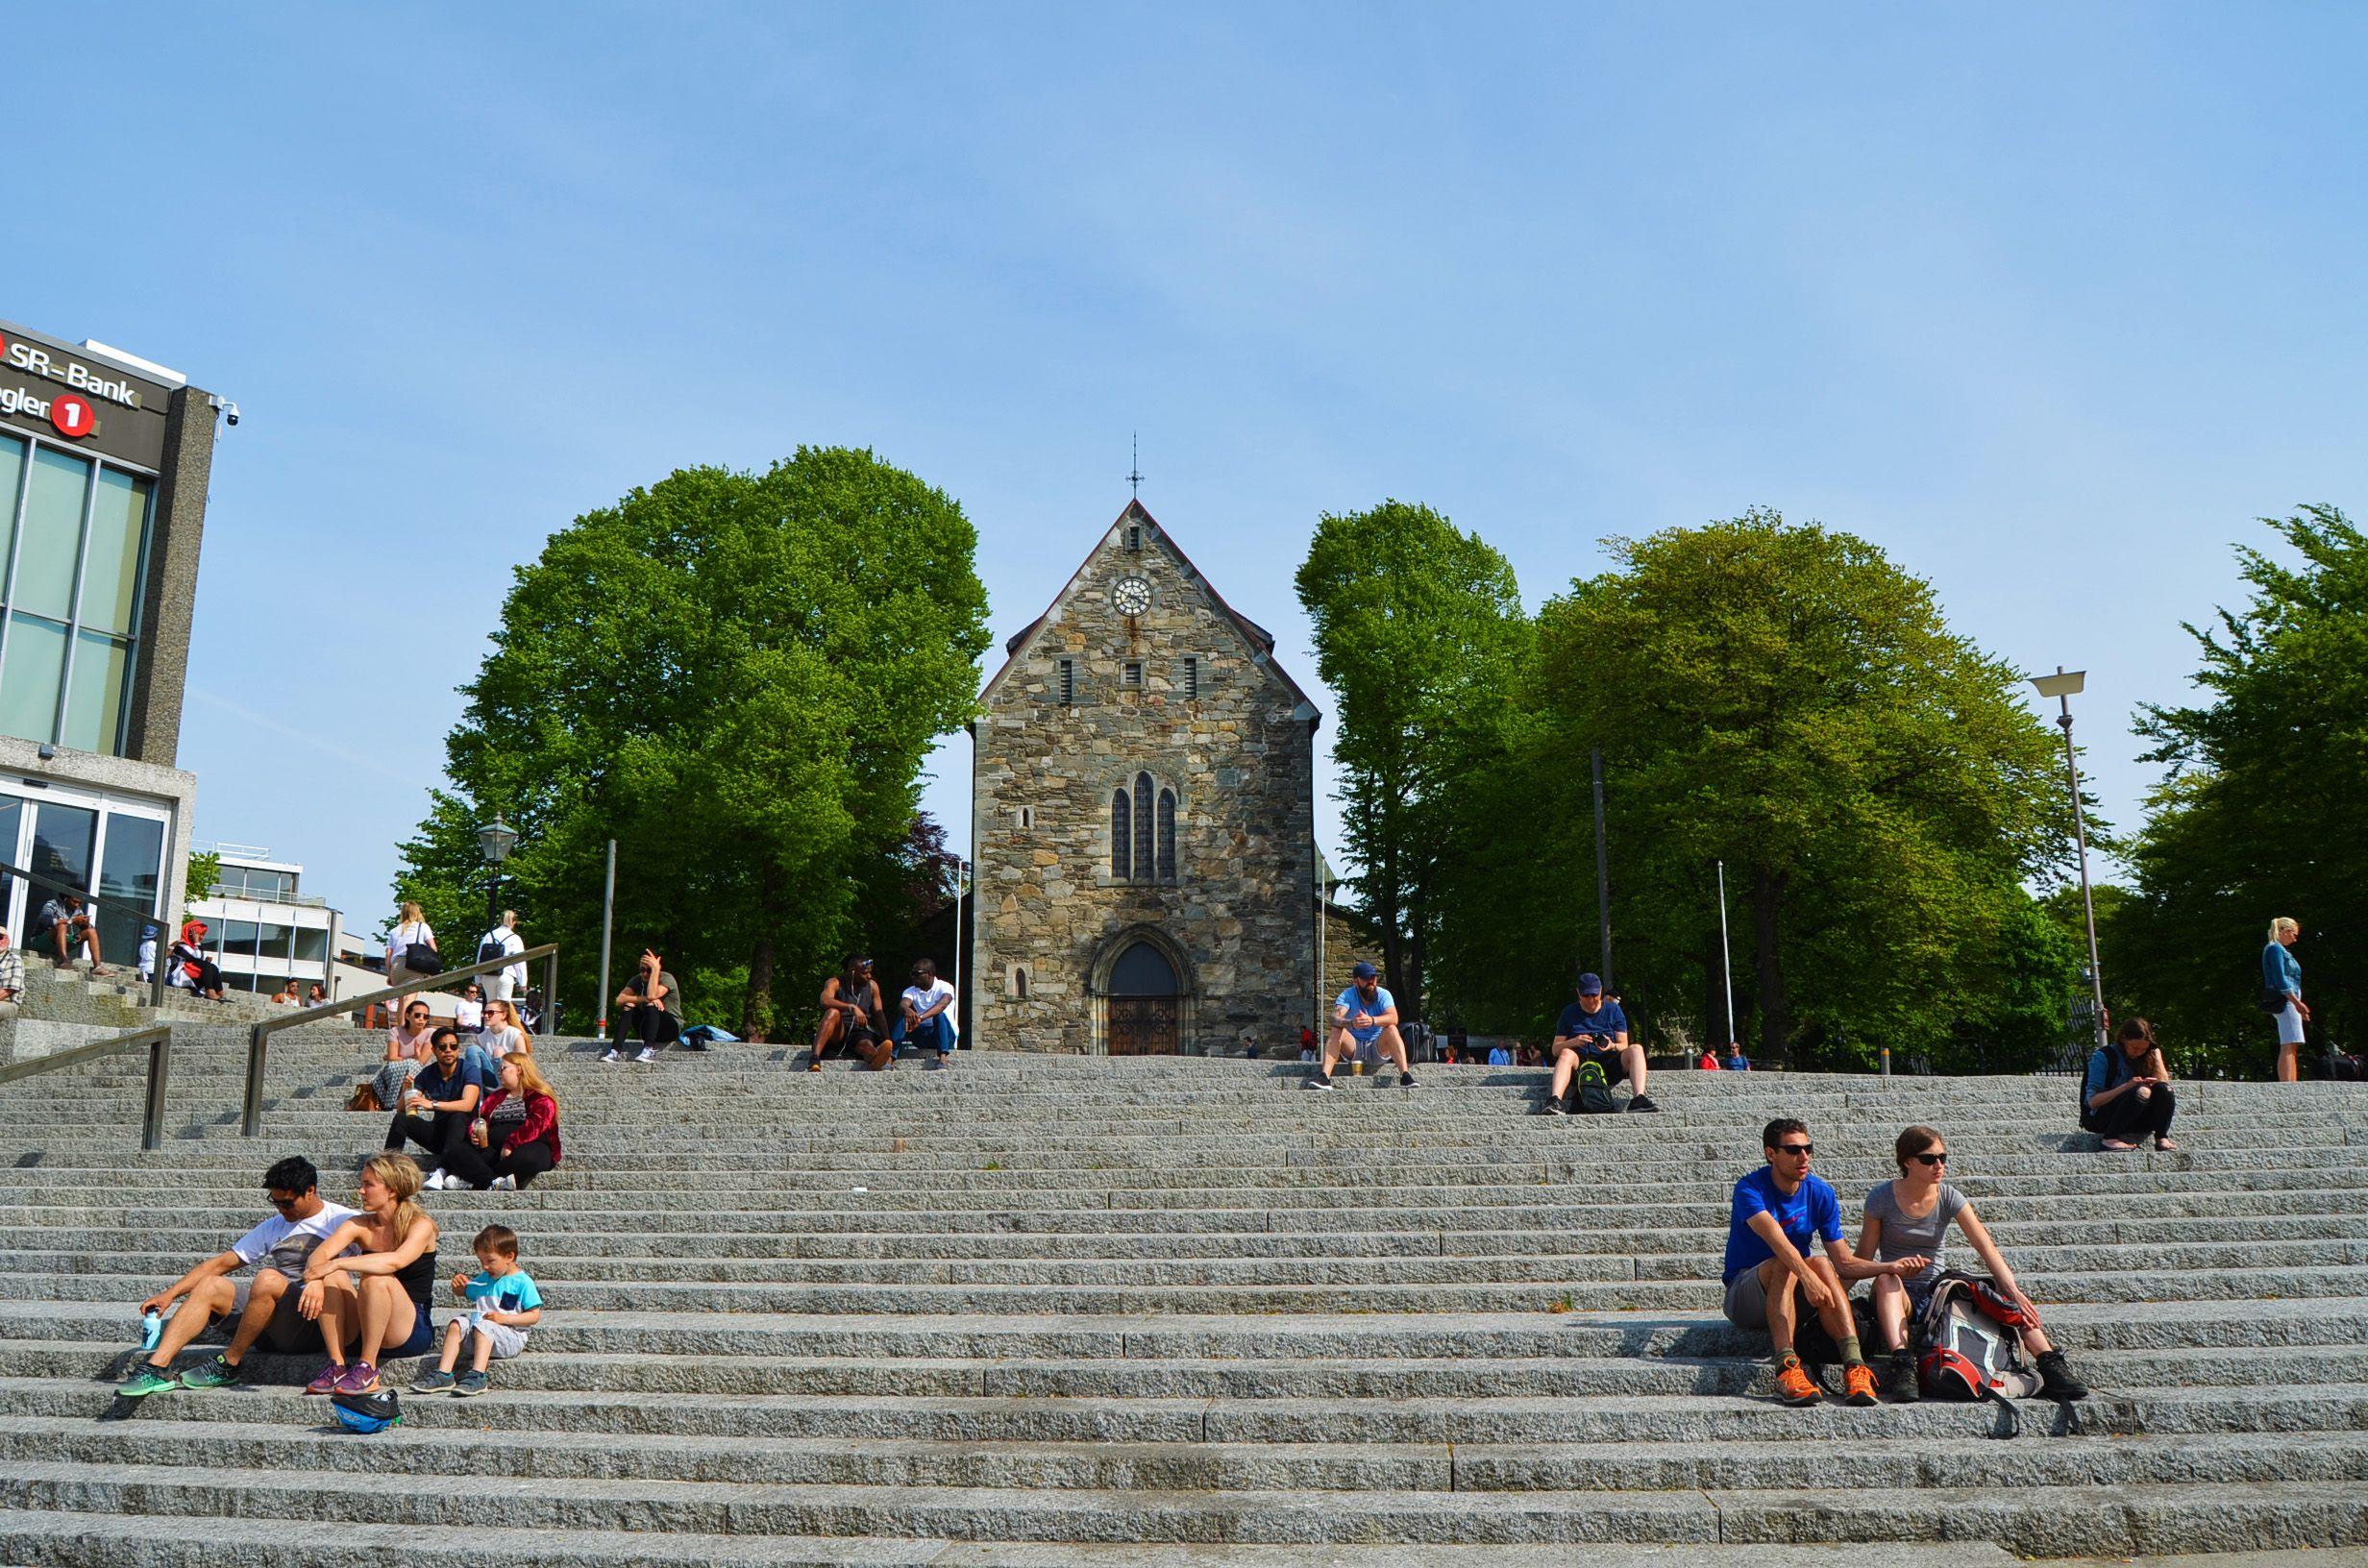 Catedral de San Swithun de Stavanger, Stavanger domkirke